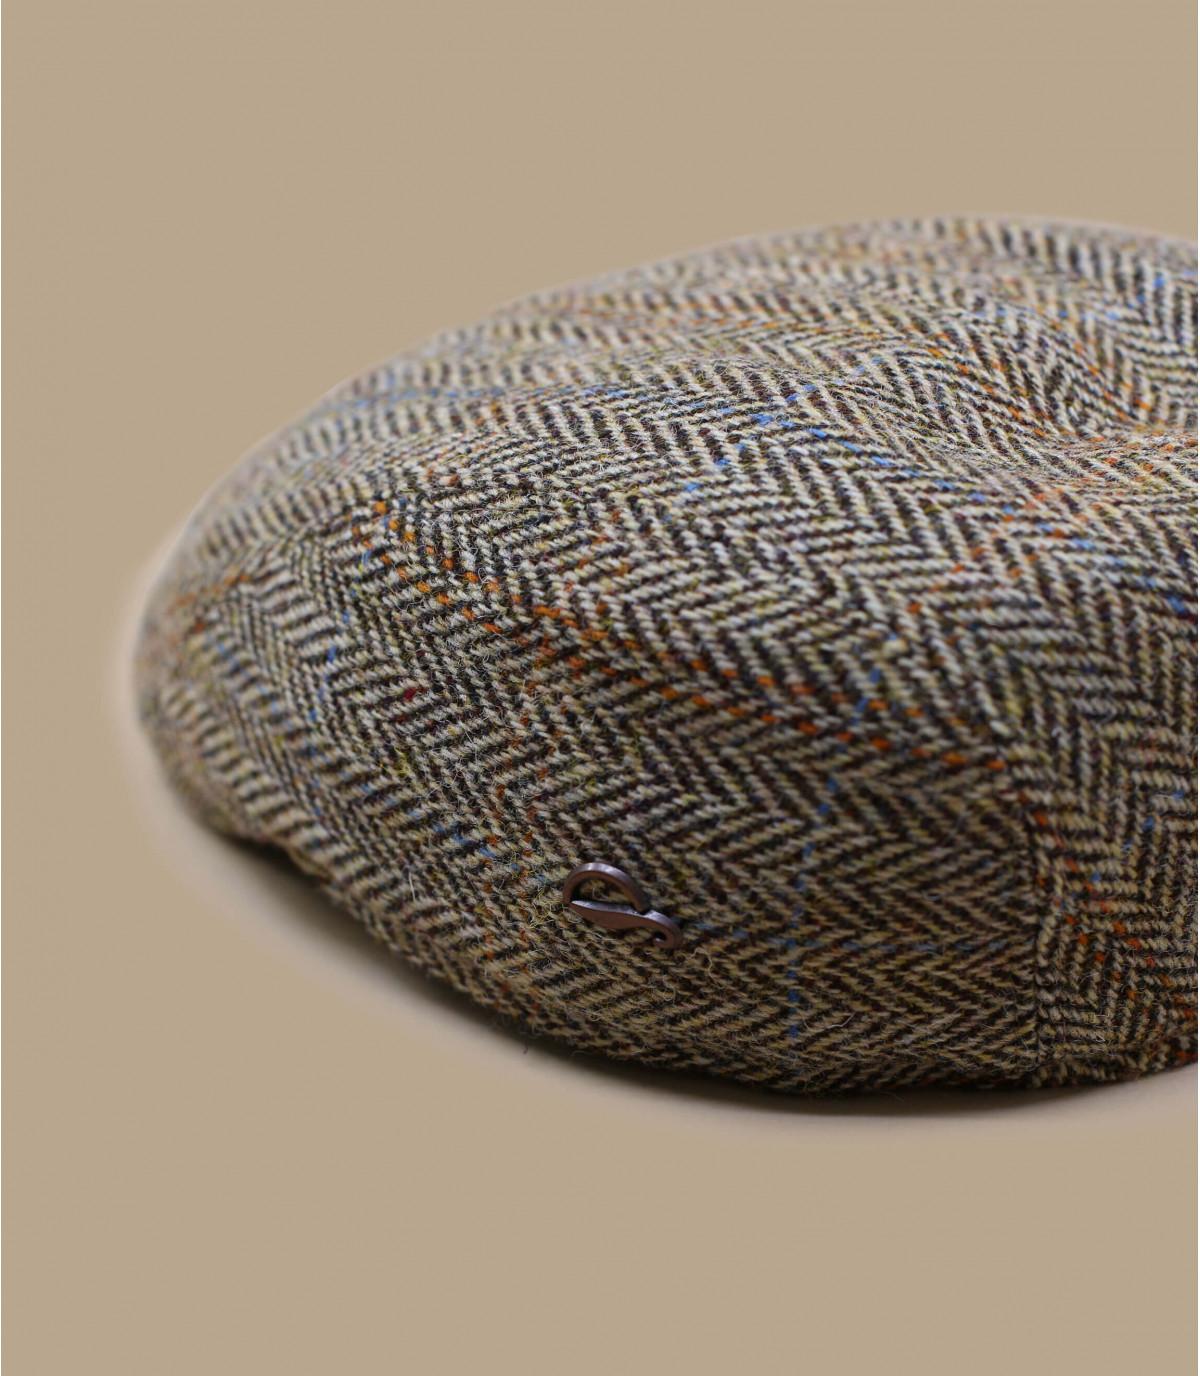 Schiebermütze beige Fischgrätmuster Wolle